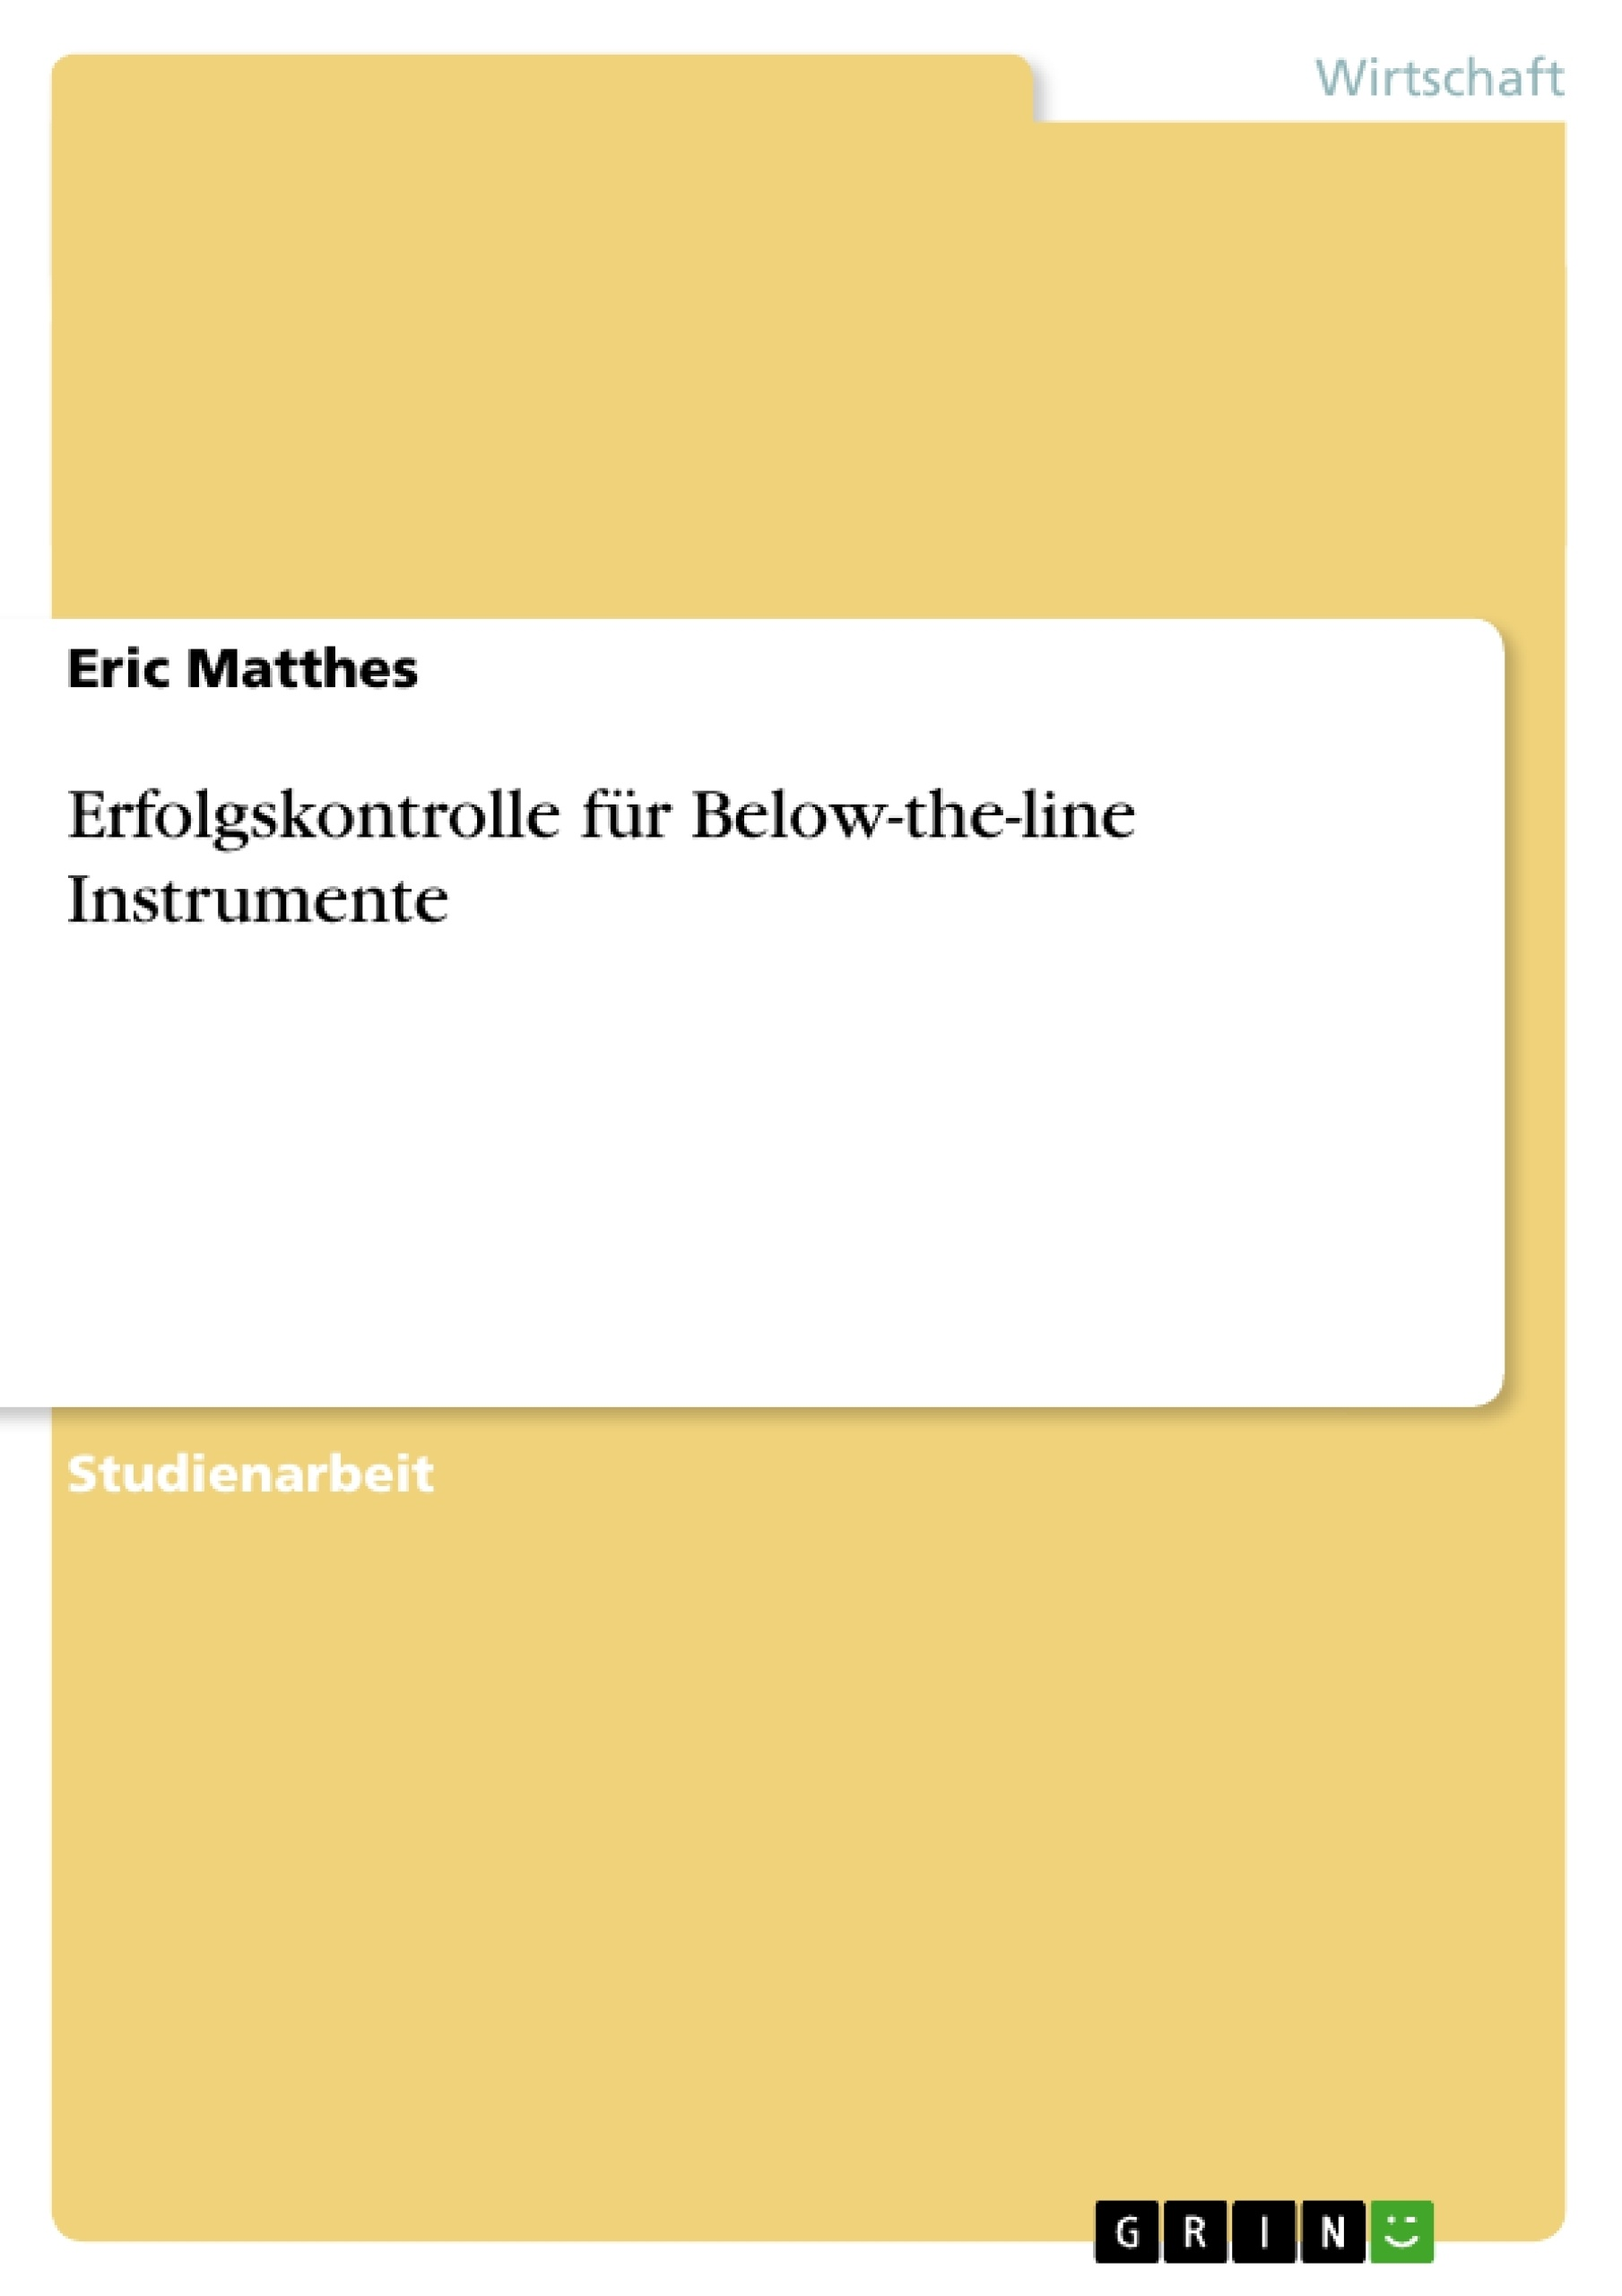 Titel: Erfolgskontrolle für Below-the-line Instrumente